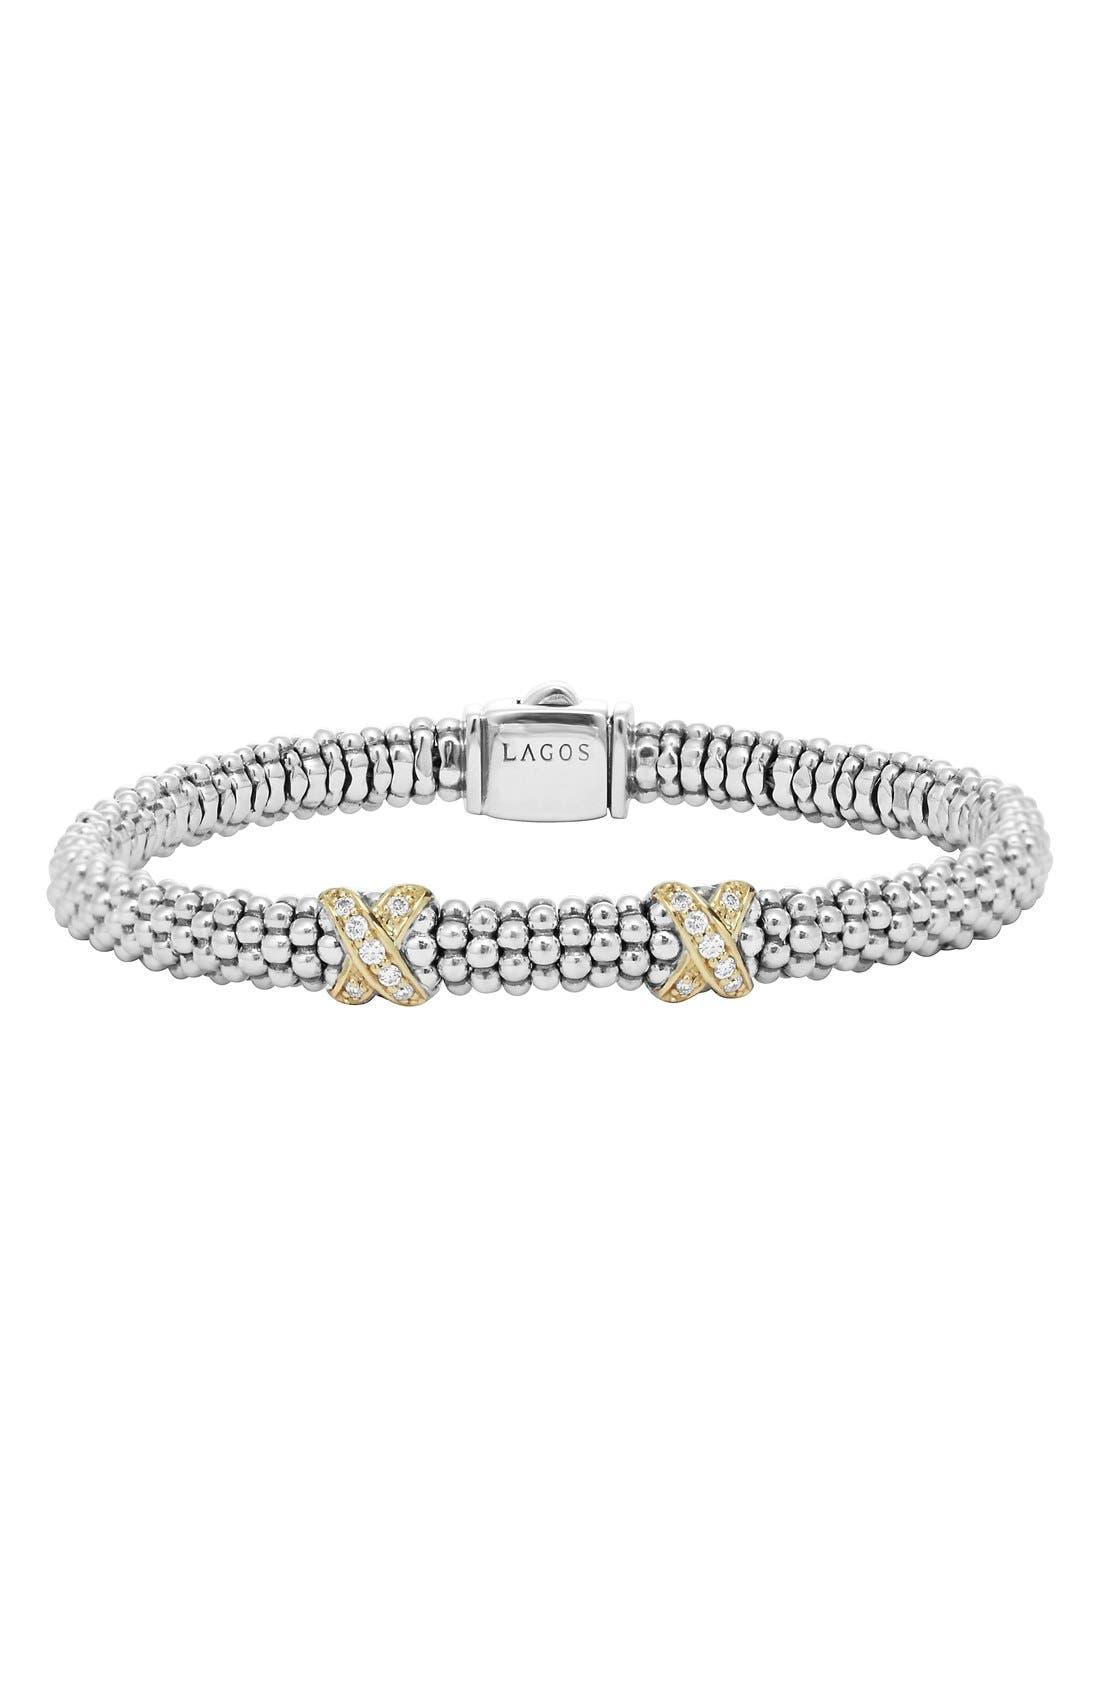 LAGOS 'Signature Caviar' Diamond Rope Bracelet